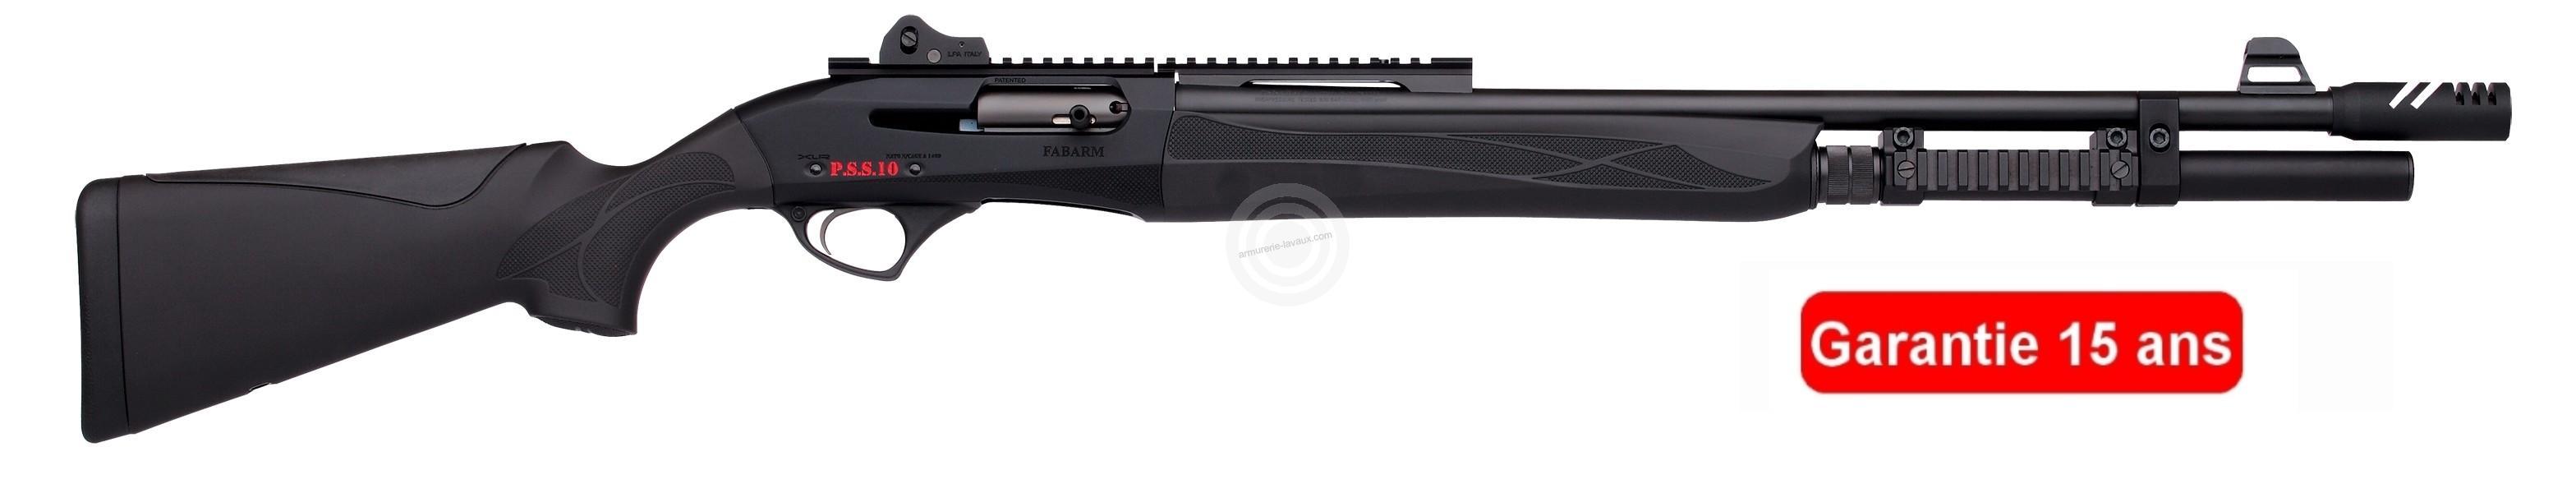 Fusil semi-automatique FABARM P.S.S 10 cal.12/76 - Armes catégorie B